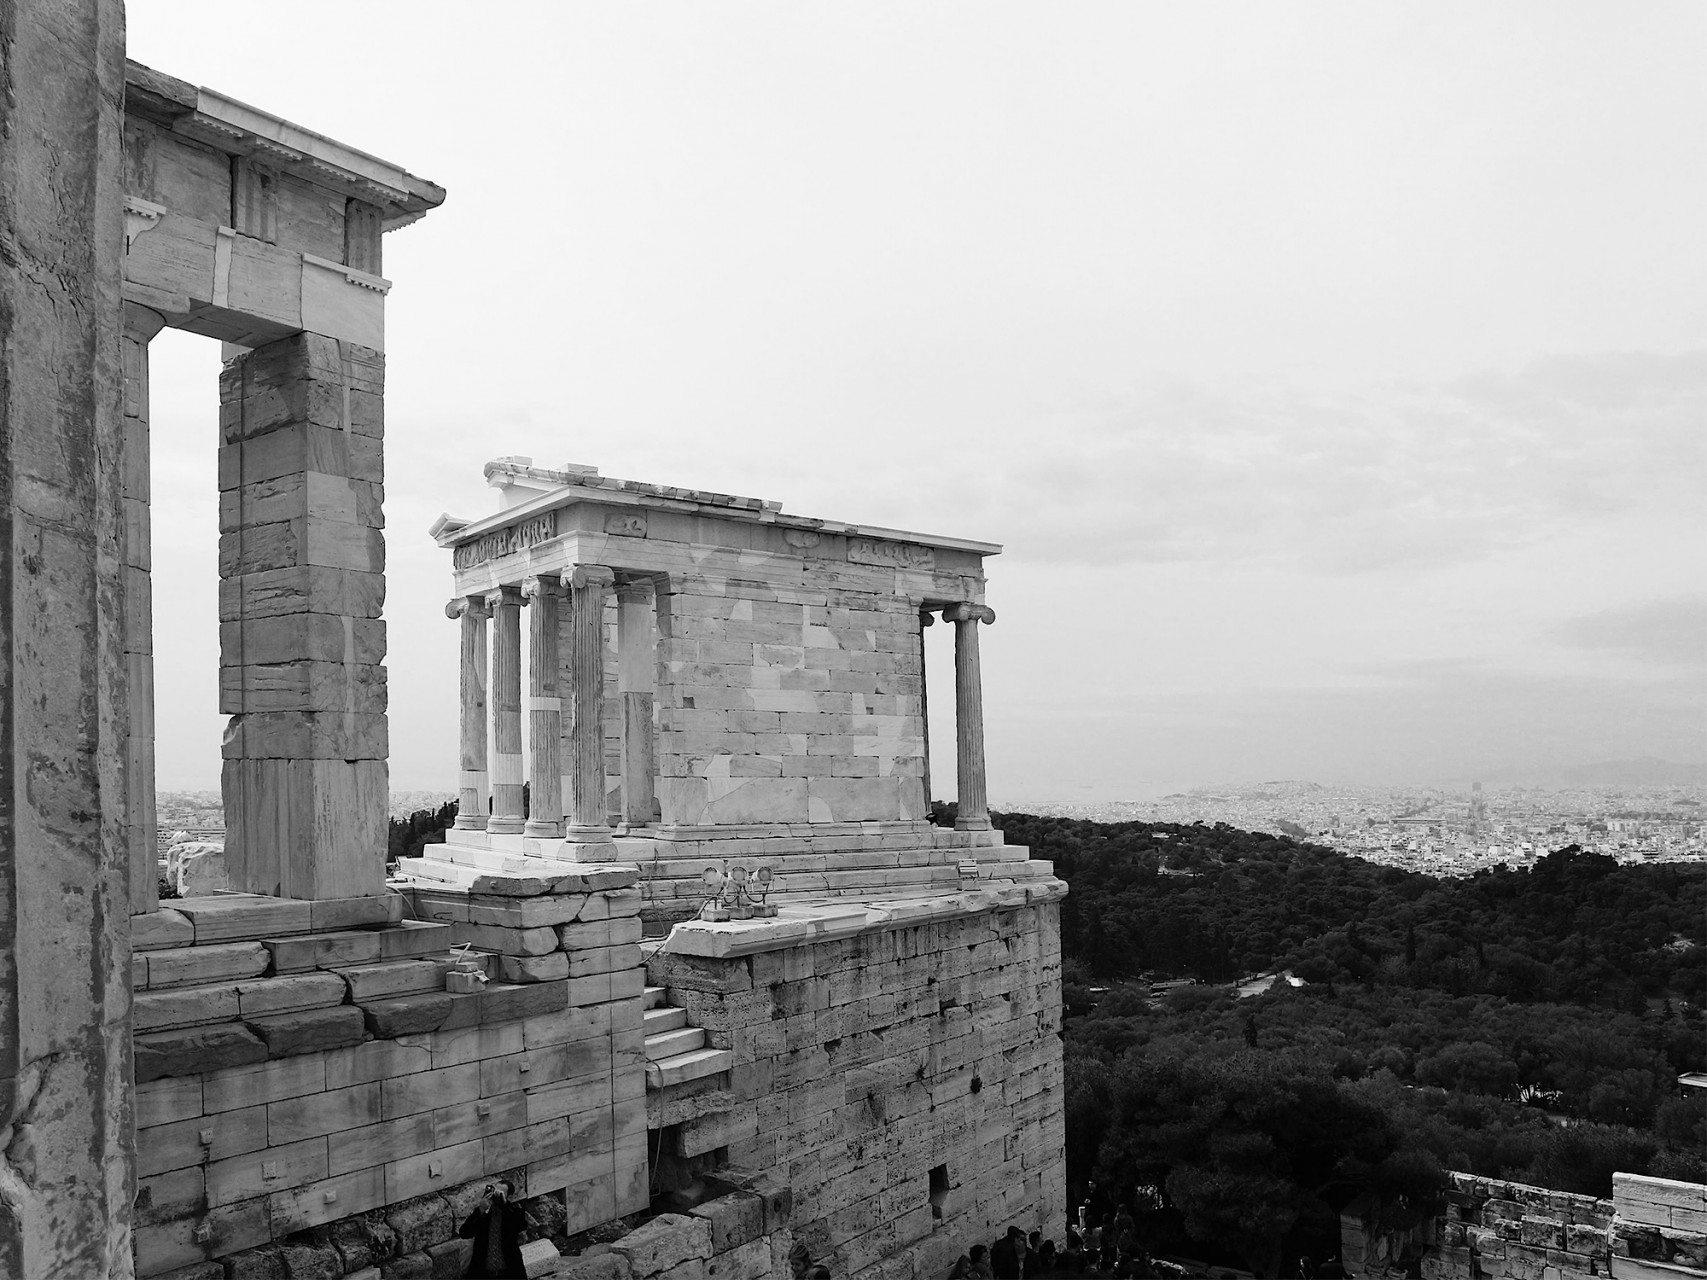 """Der Nike Tempel. Der kleine Tempel steht exponiert auf einer Felszunge unweit der Propyläen. Geweiht wurde er der Kriegsgöttin Nike, die im Kampf gegen die Invasion der Perser den Griechen beiseite gestanden haben soll. Errichtet wurde er zwischen 427 und 425/424 v. Chr. nach Entwürfen des Architekten Kallikrates. Auch die Sieger der Panathenäen, """"der Olympischen Spiele der Antike"""", wurden an diesem Ort geehrt."""